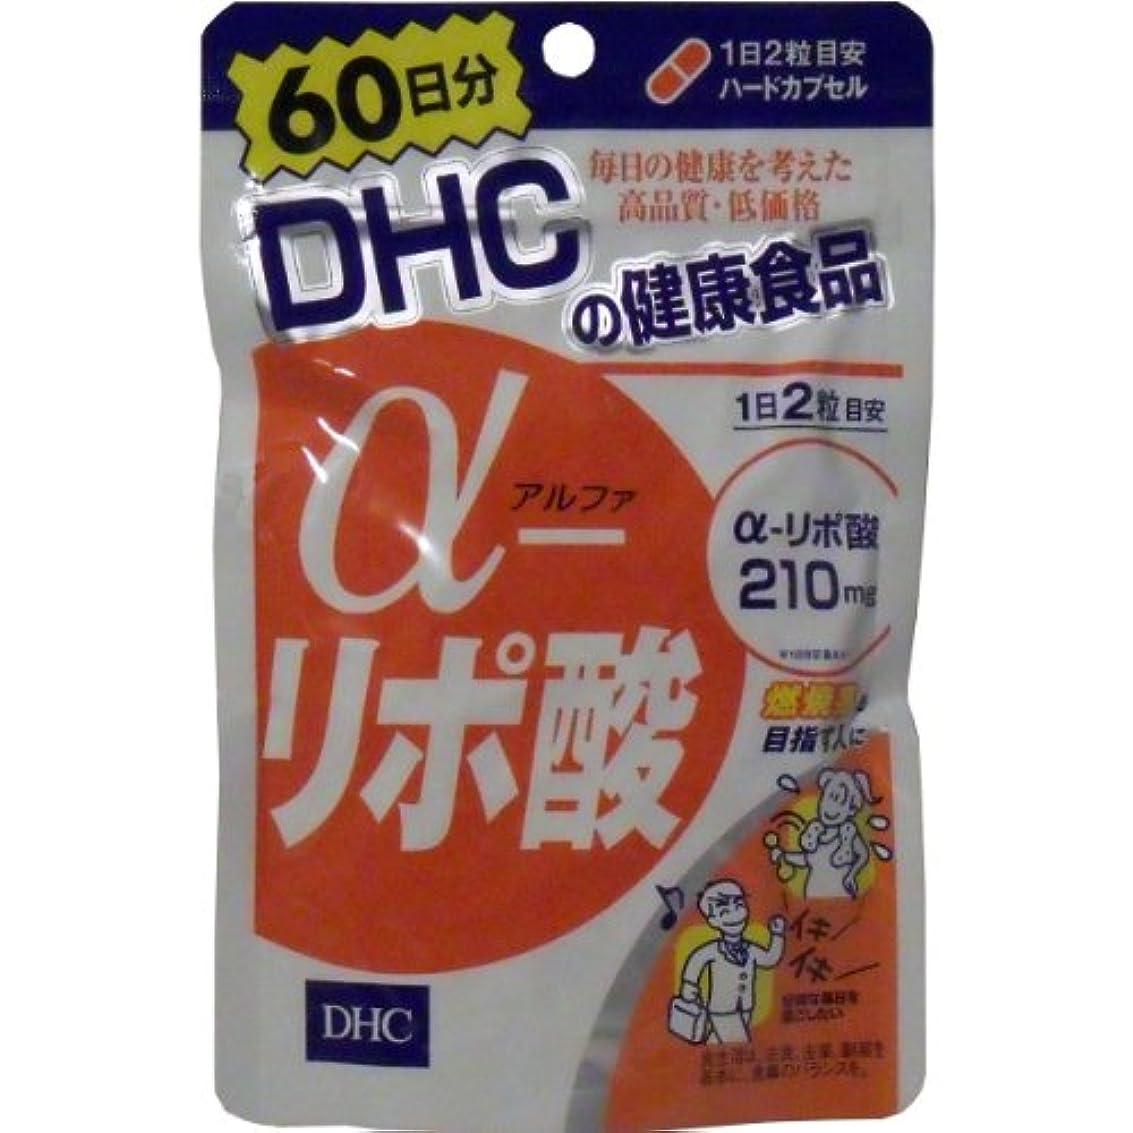 なめらかまともな晩餐【???便】DHC α-リポ酸 60日分(120粒)×4個セット